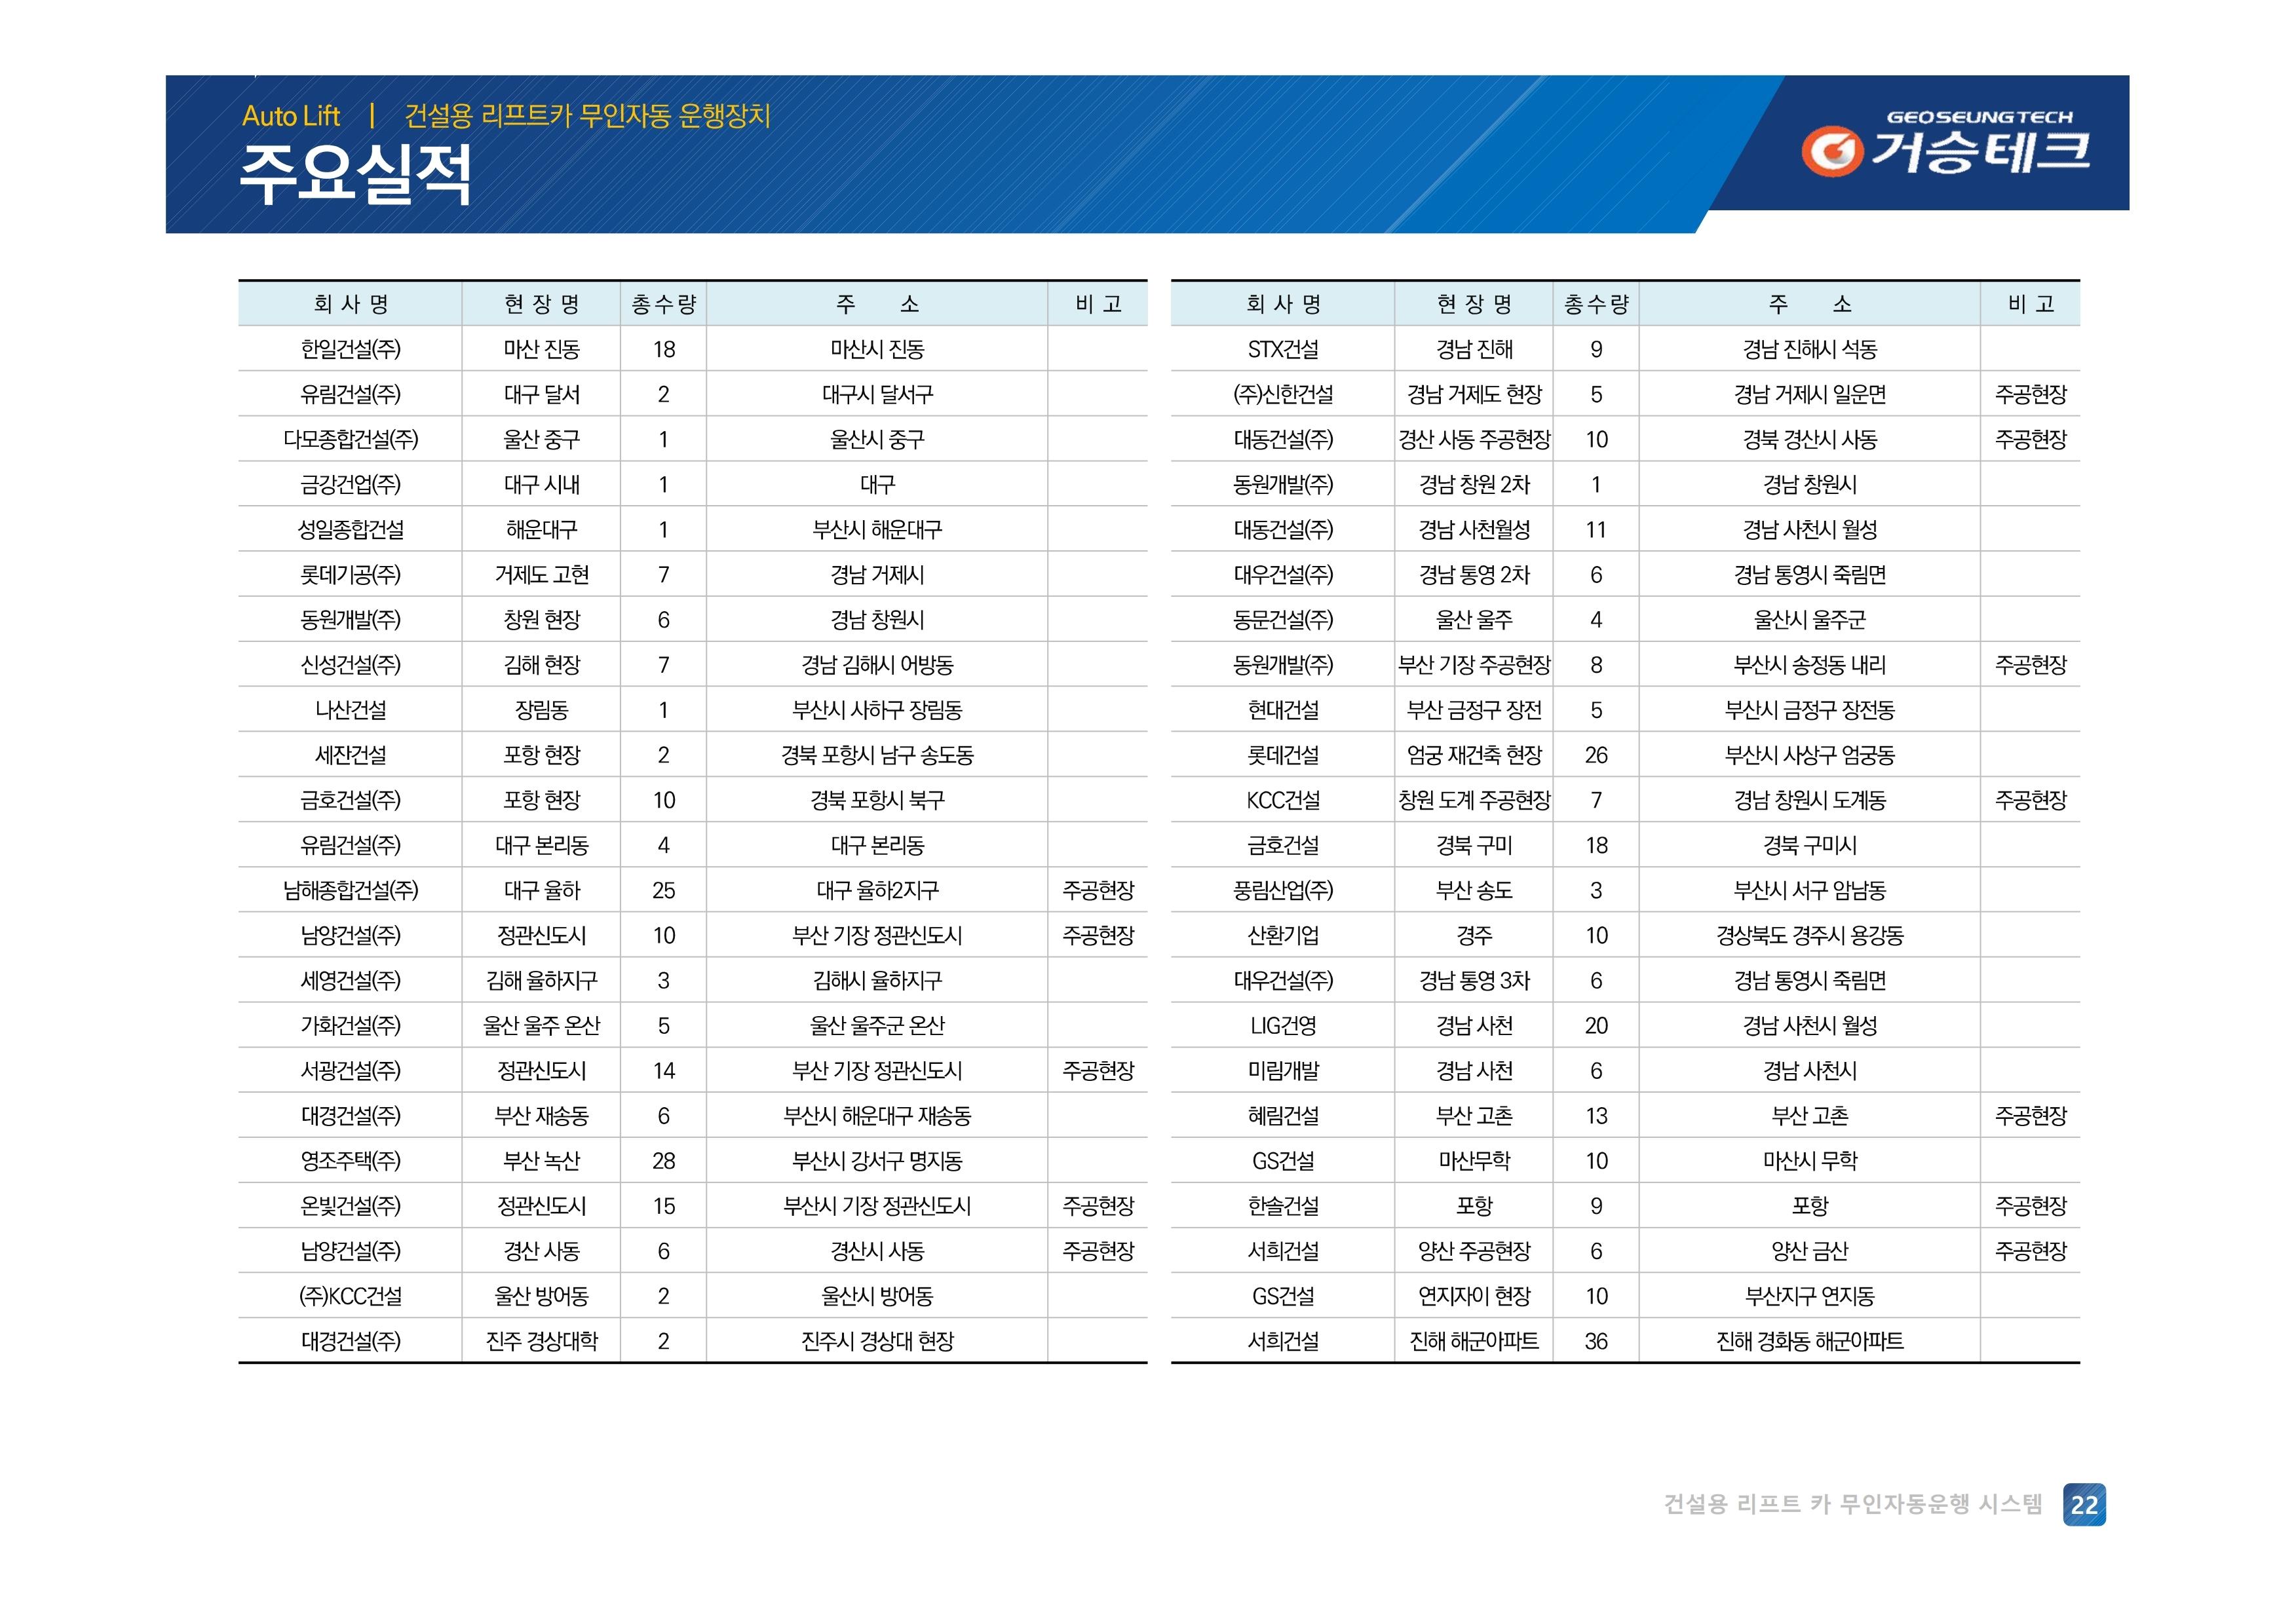 무인자동 (거승테크)-Rev01 (2020-07-22).pdf_page_22.jpg